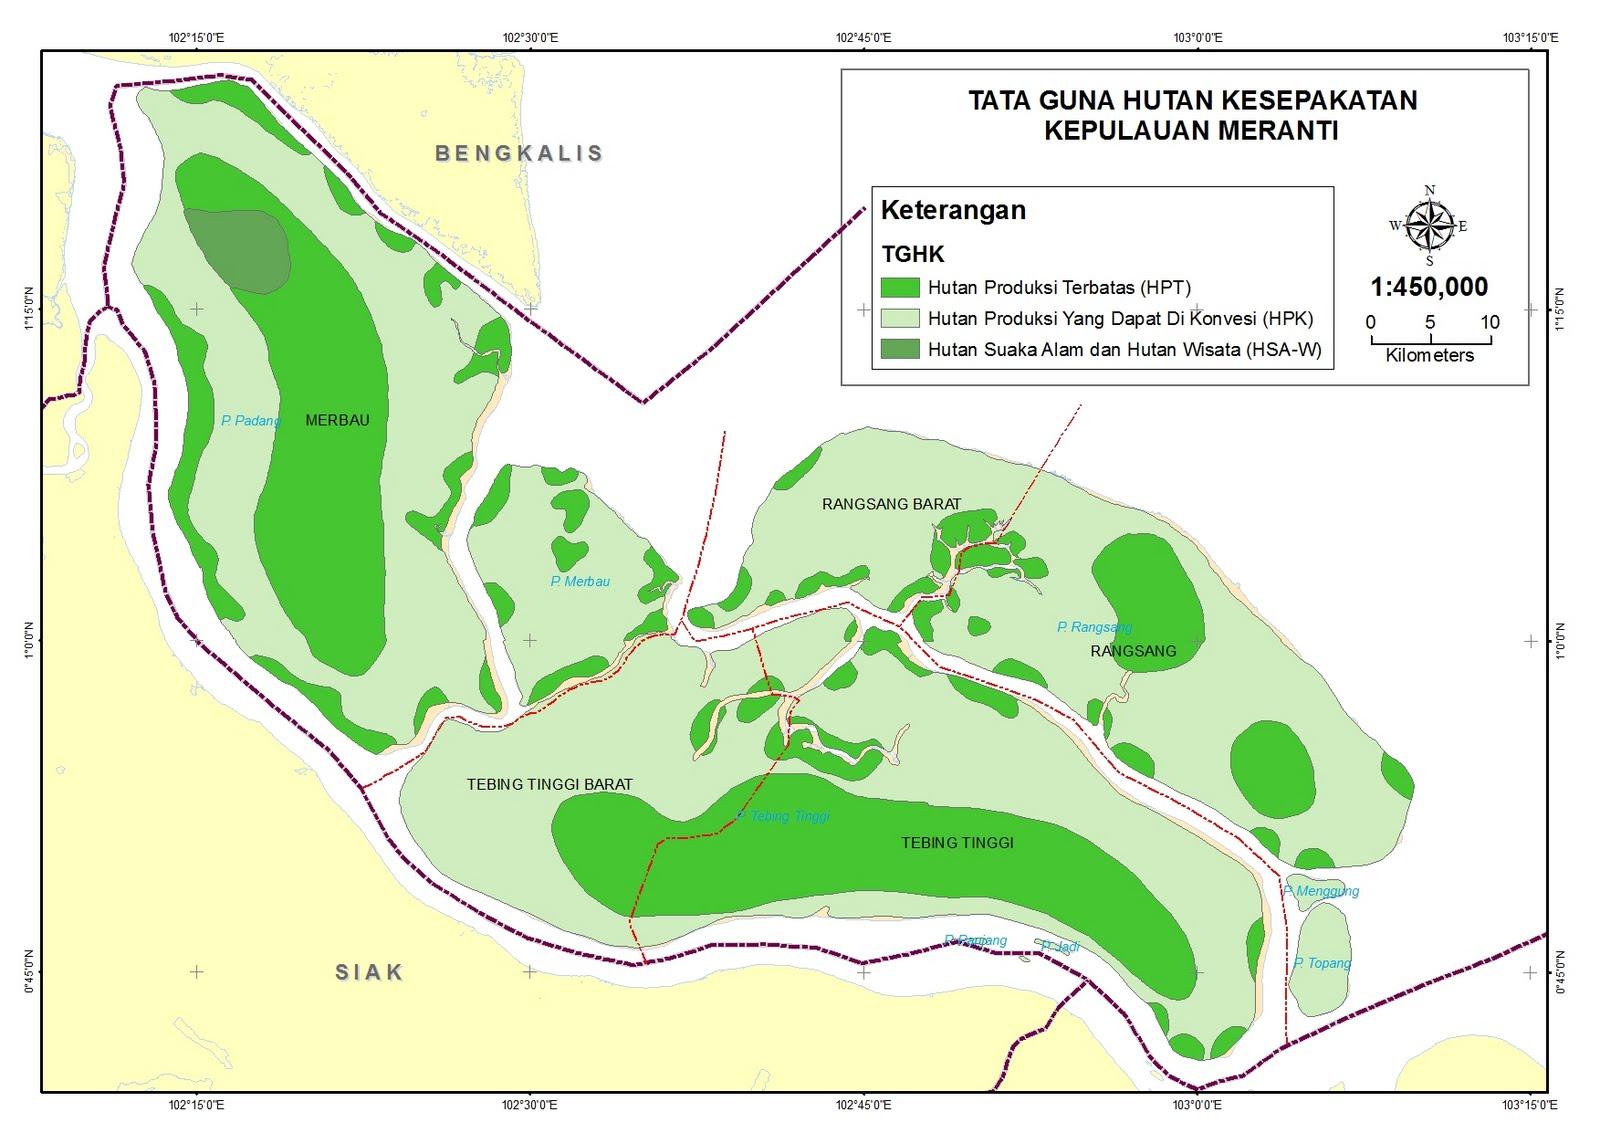 Berkas Hutan Tanaman Industri Jpg Wikipedia Bahasa Indonesia Ensiklopedia Bebas